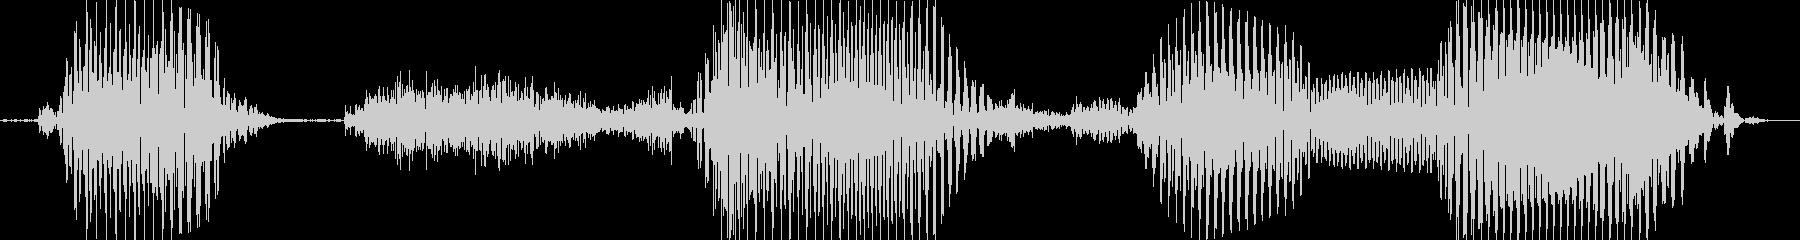 ごちそうさま!の未再生の波形